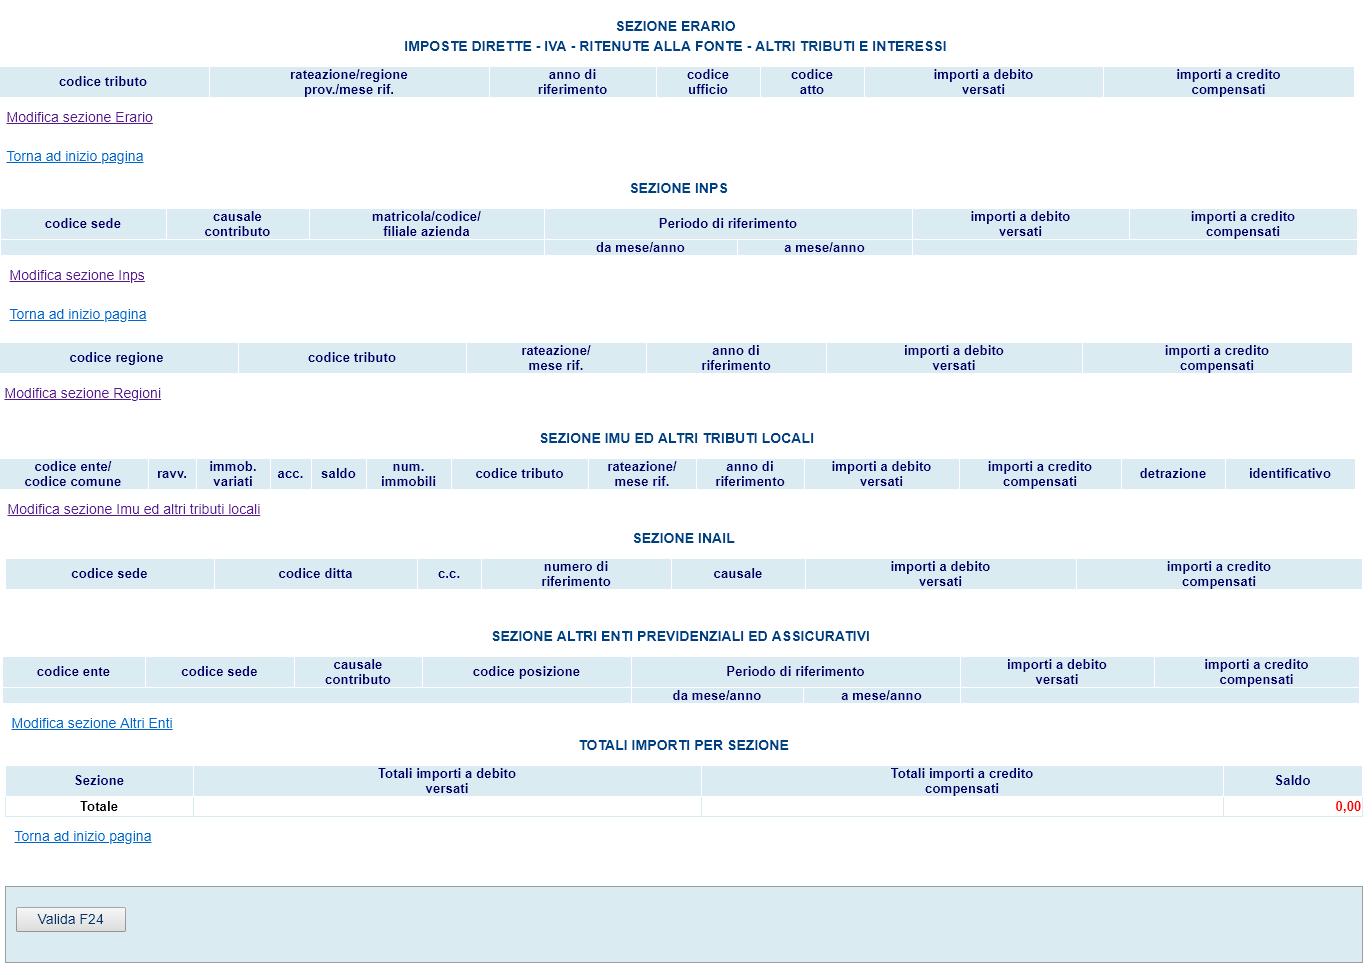 sezioni da compilare f24 web